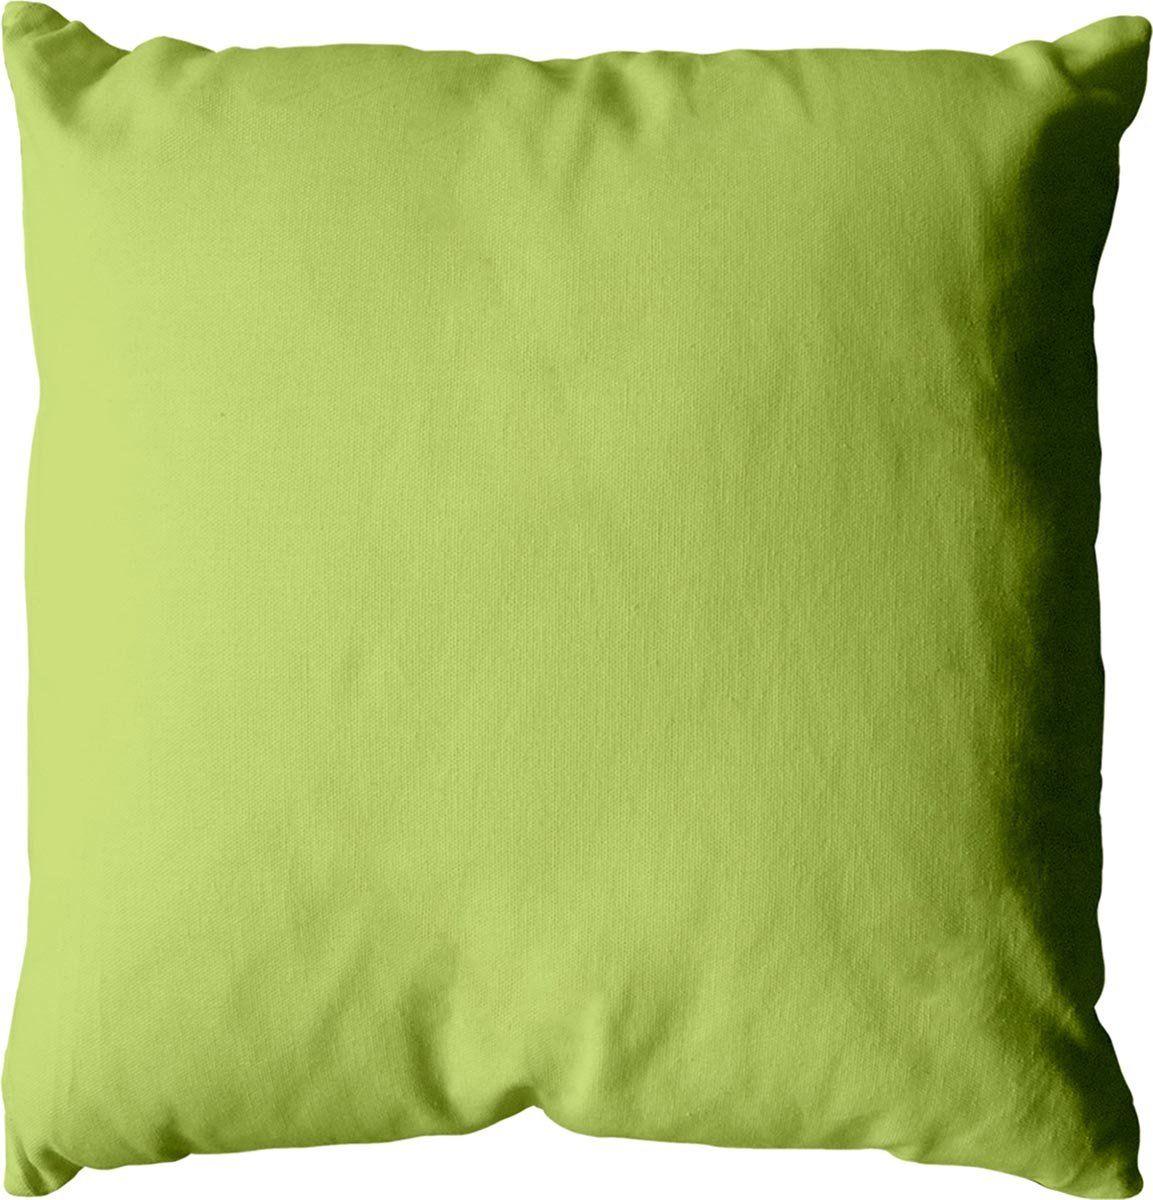 Poduszka 60 x 60 cm, 350 g, bawełna, zieleń azotu